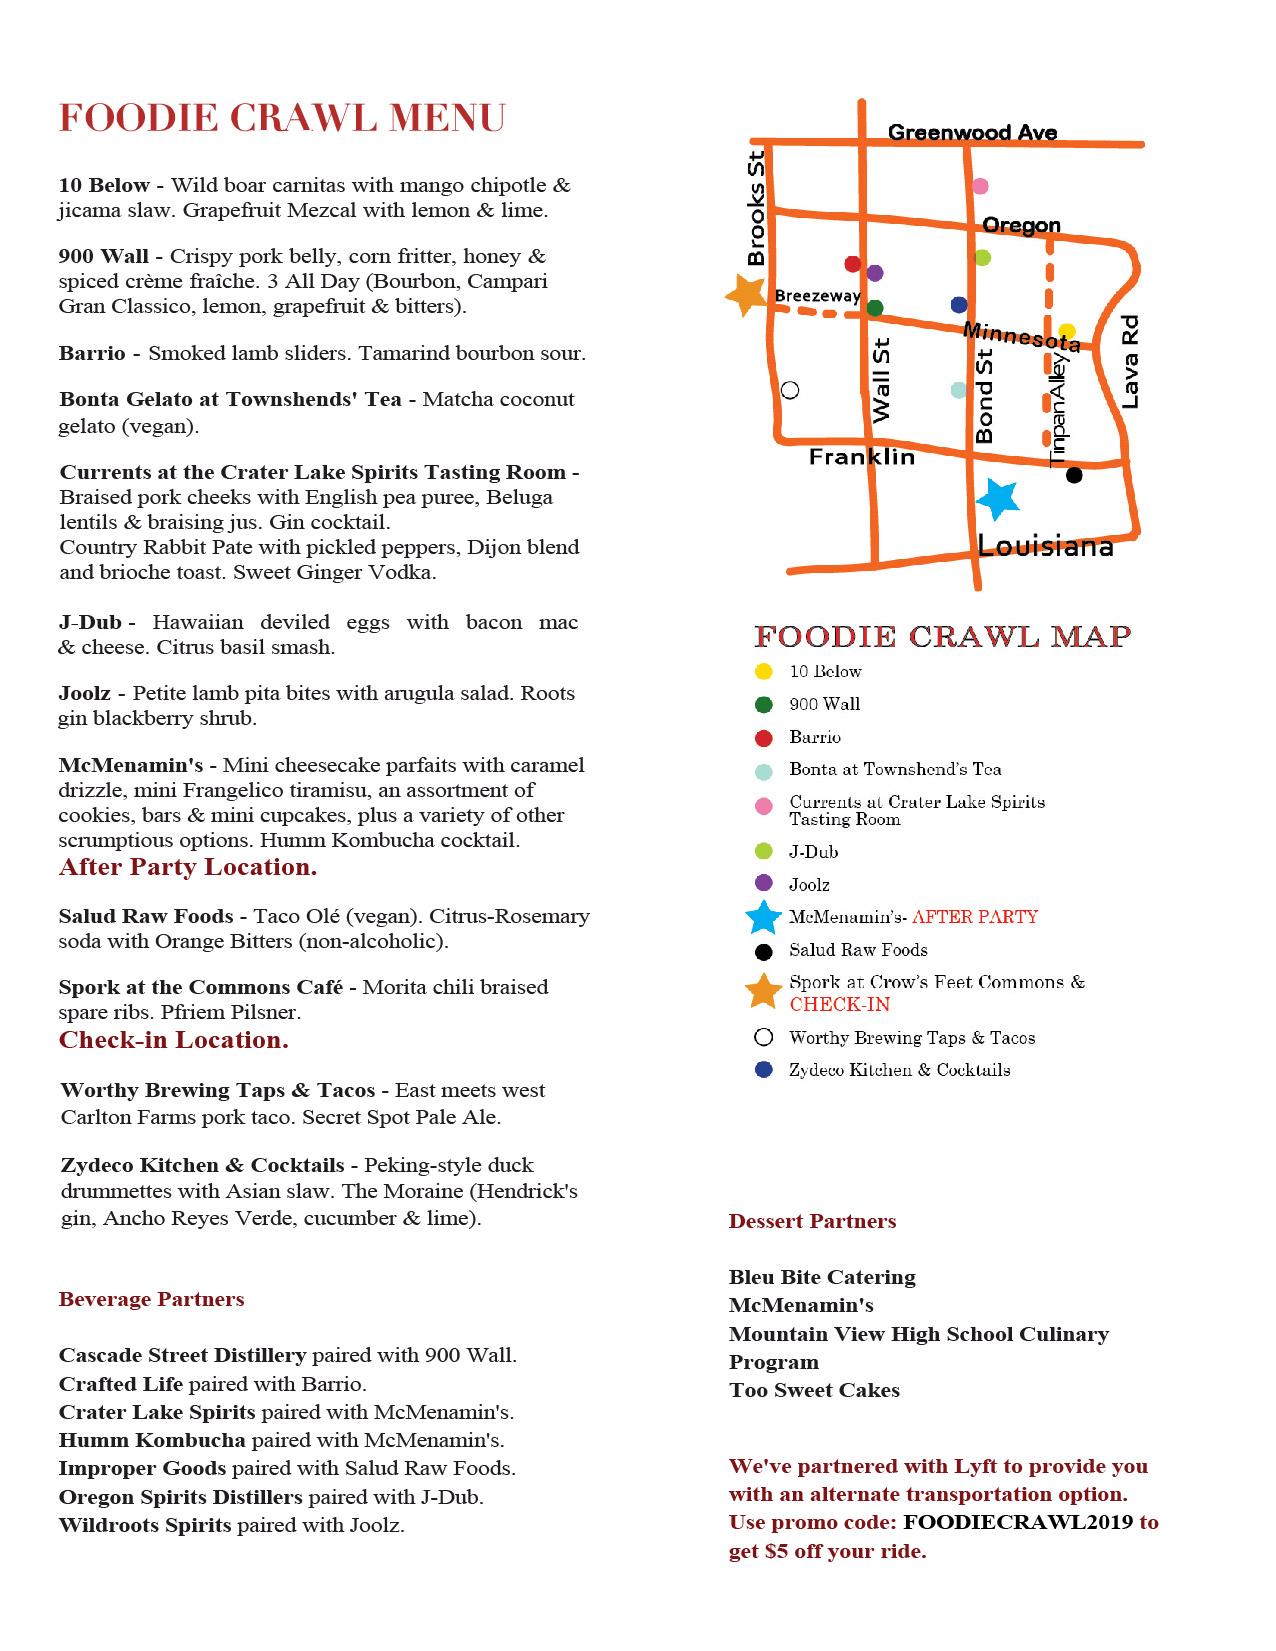 Foodie Crawl Map and Menu.jpg